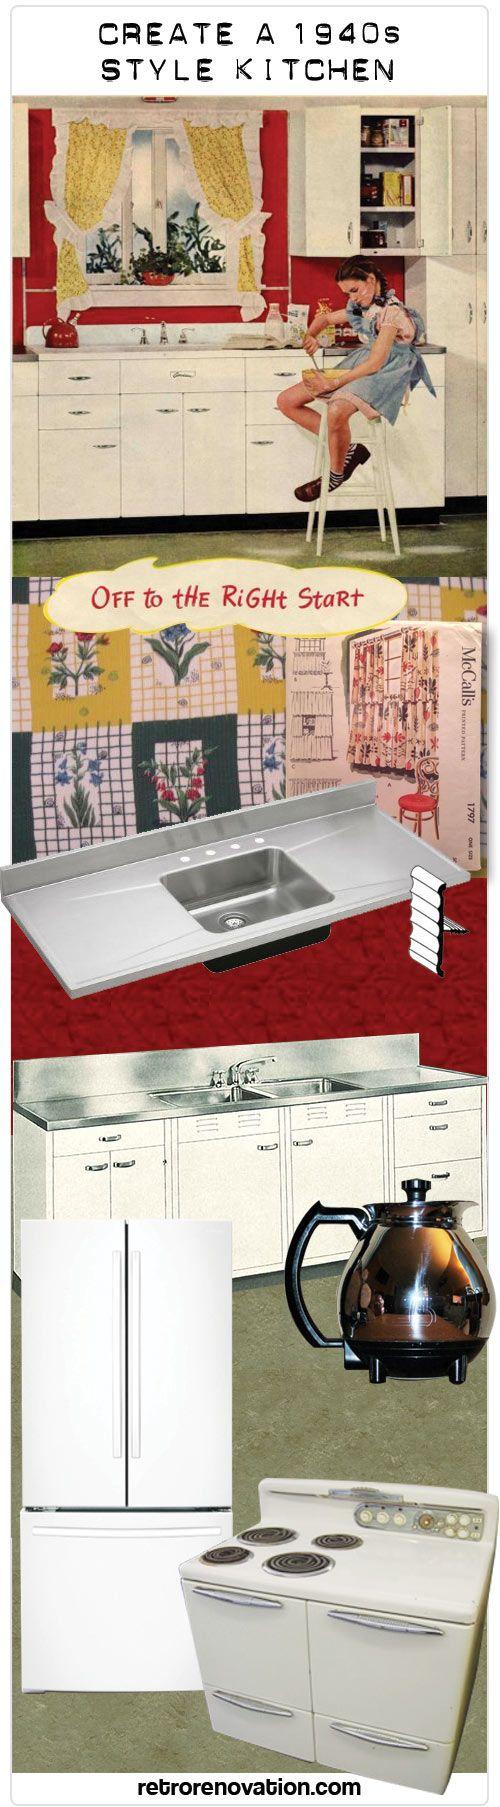 Uncategorized 1940s Kitchen Design best 25 1940s kitchen ideas on pinterest home kitchen